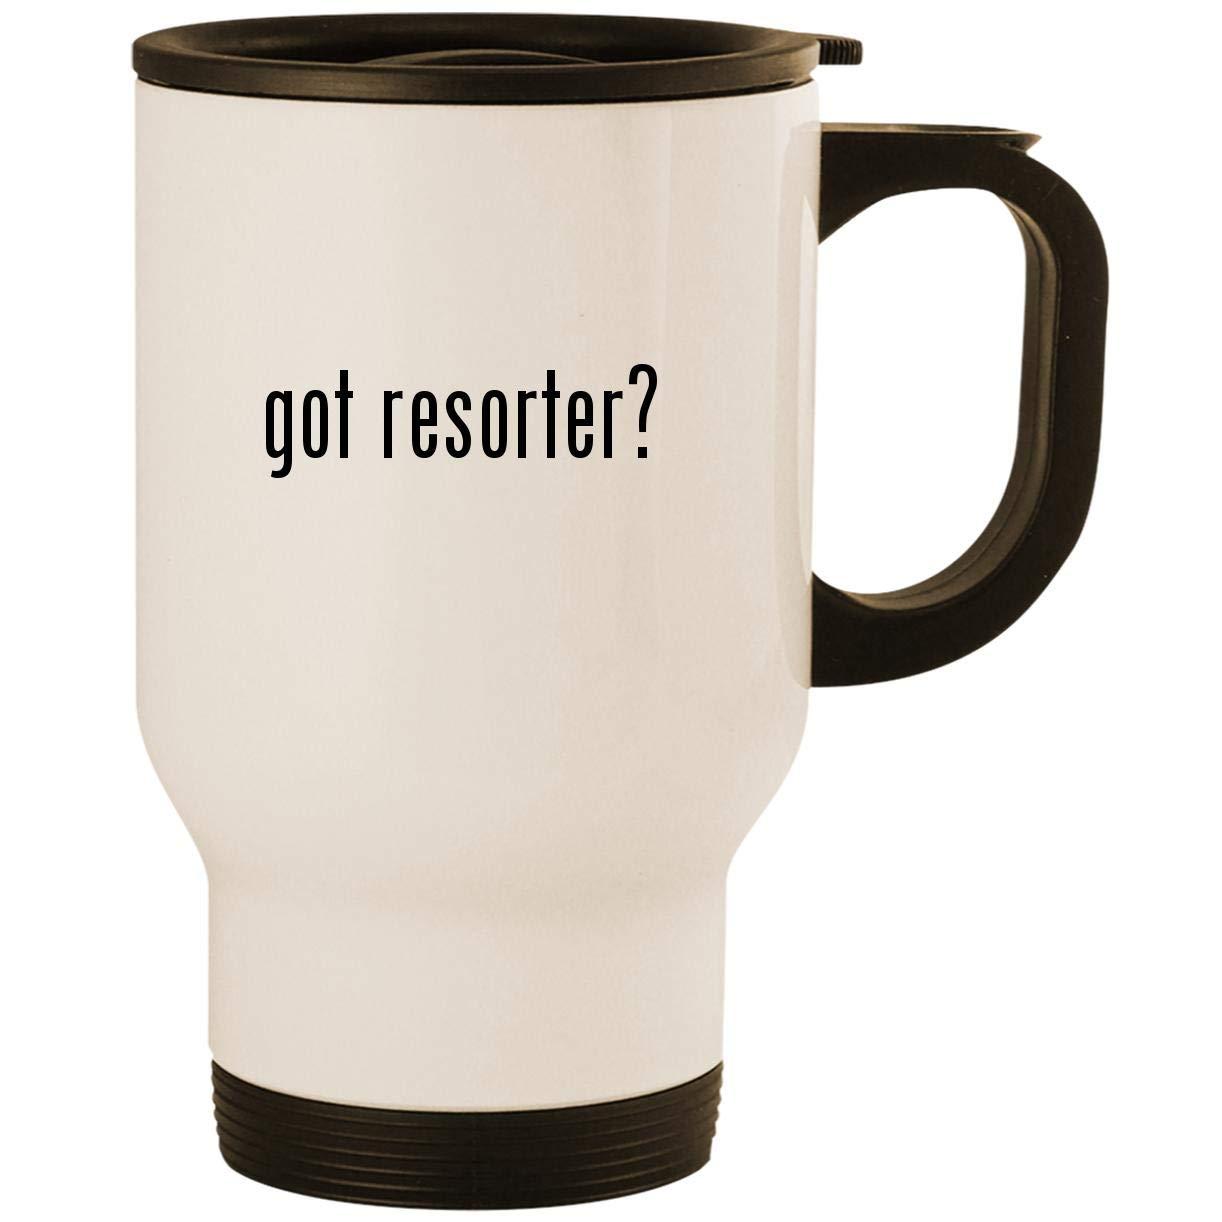 got resorter? - Stainless Steel 14oz Road Ready Travel Mug, White